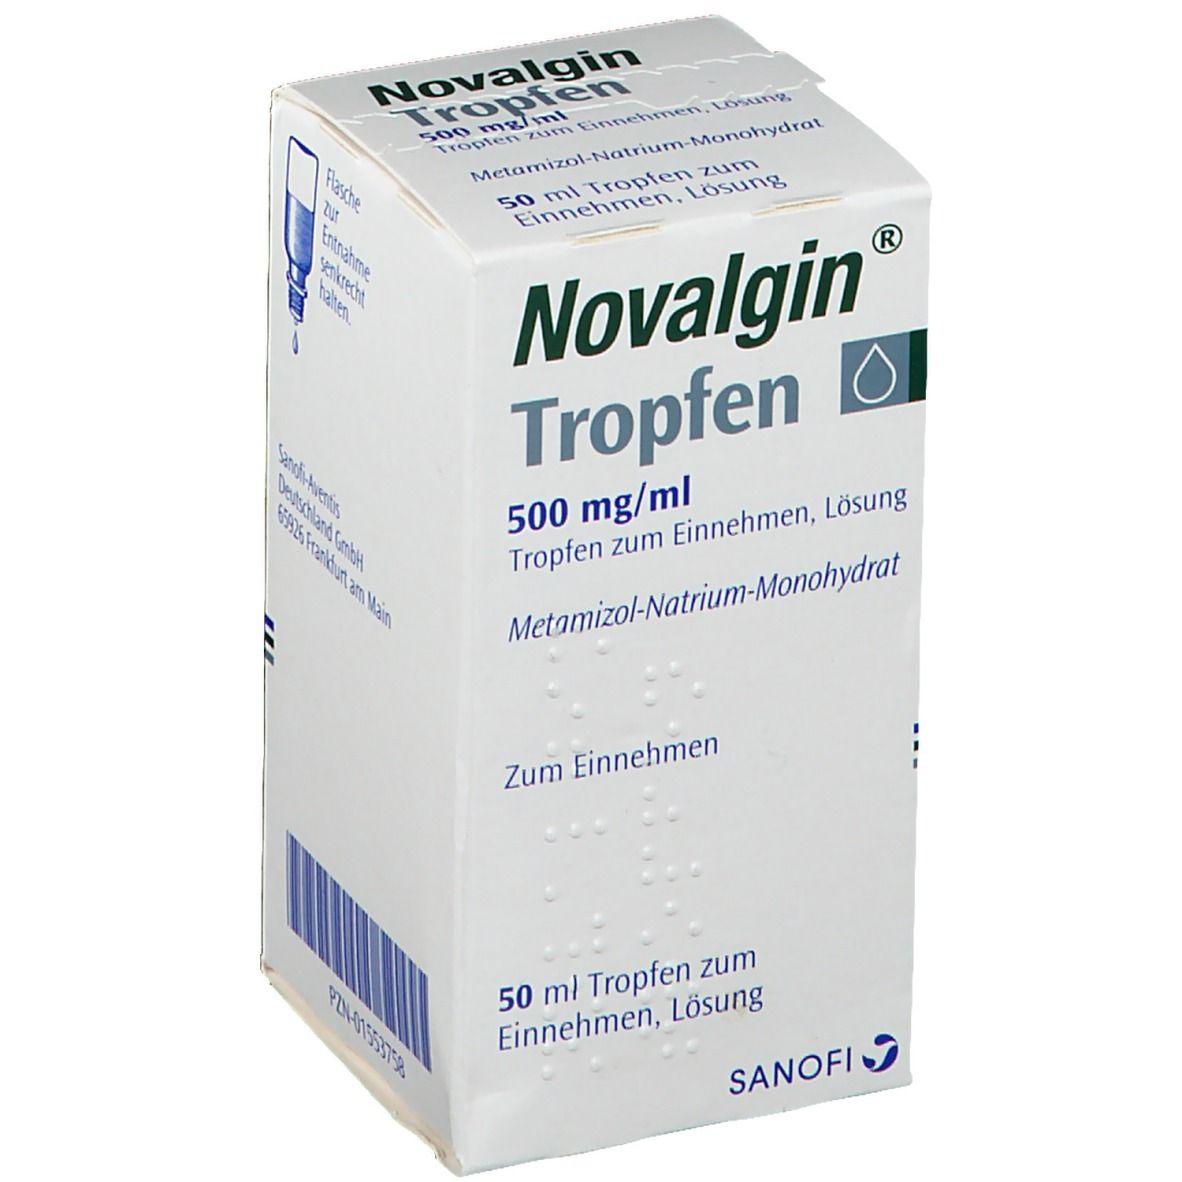 Novalgin Tropfen 50 ml - shop-apotheke.com